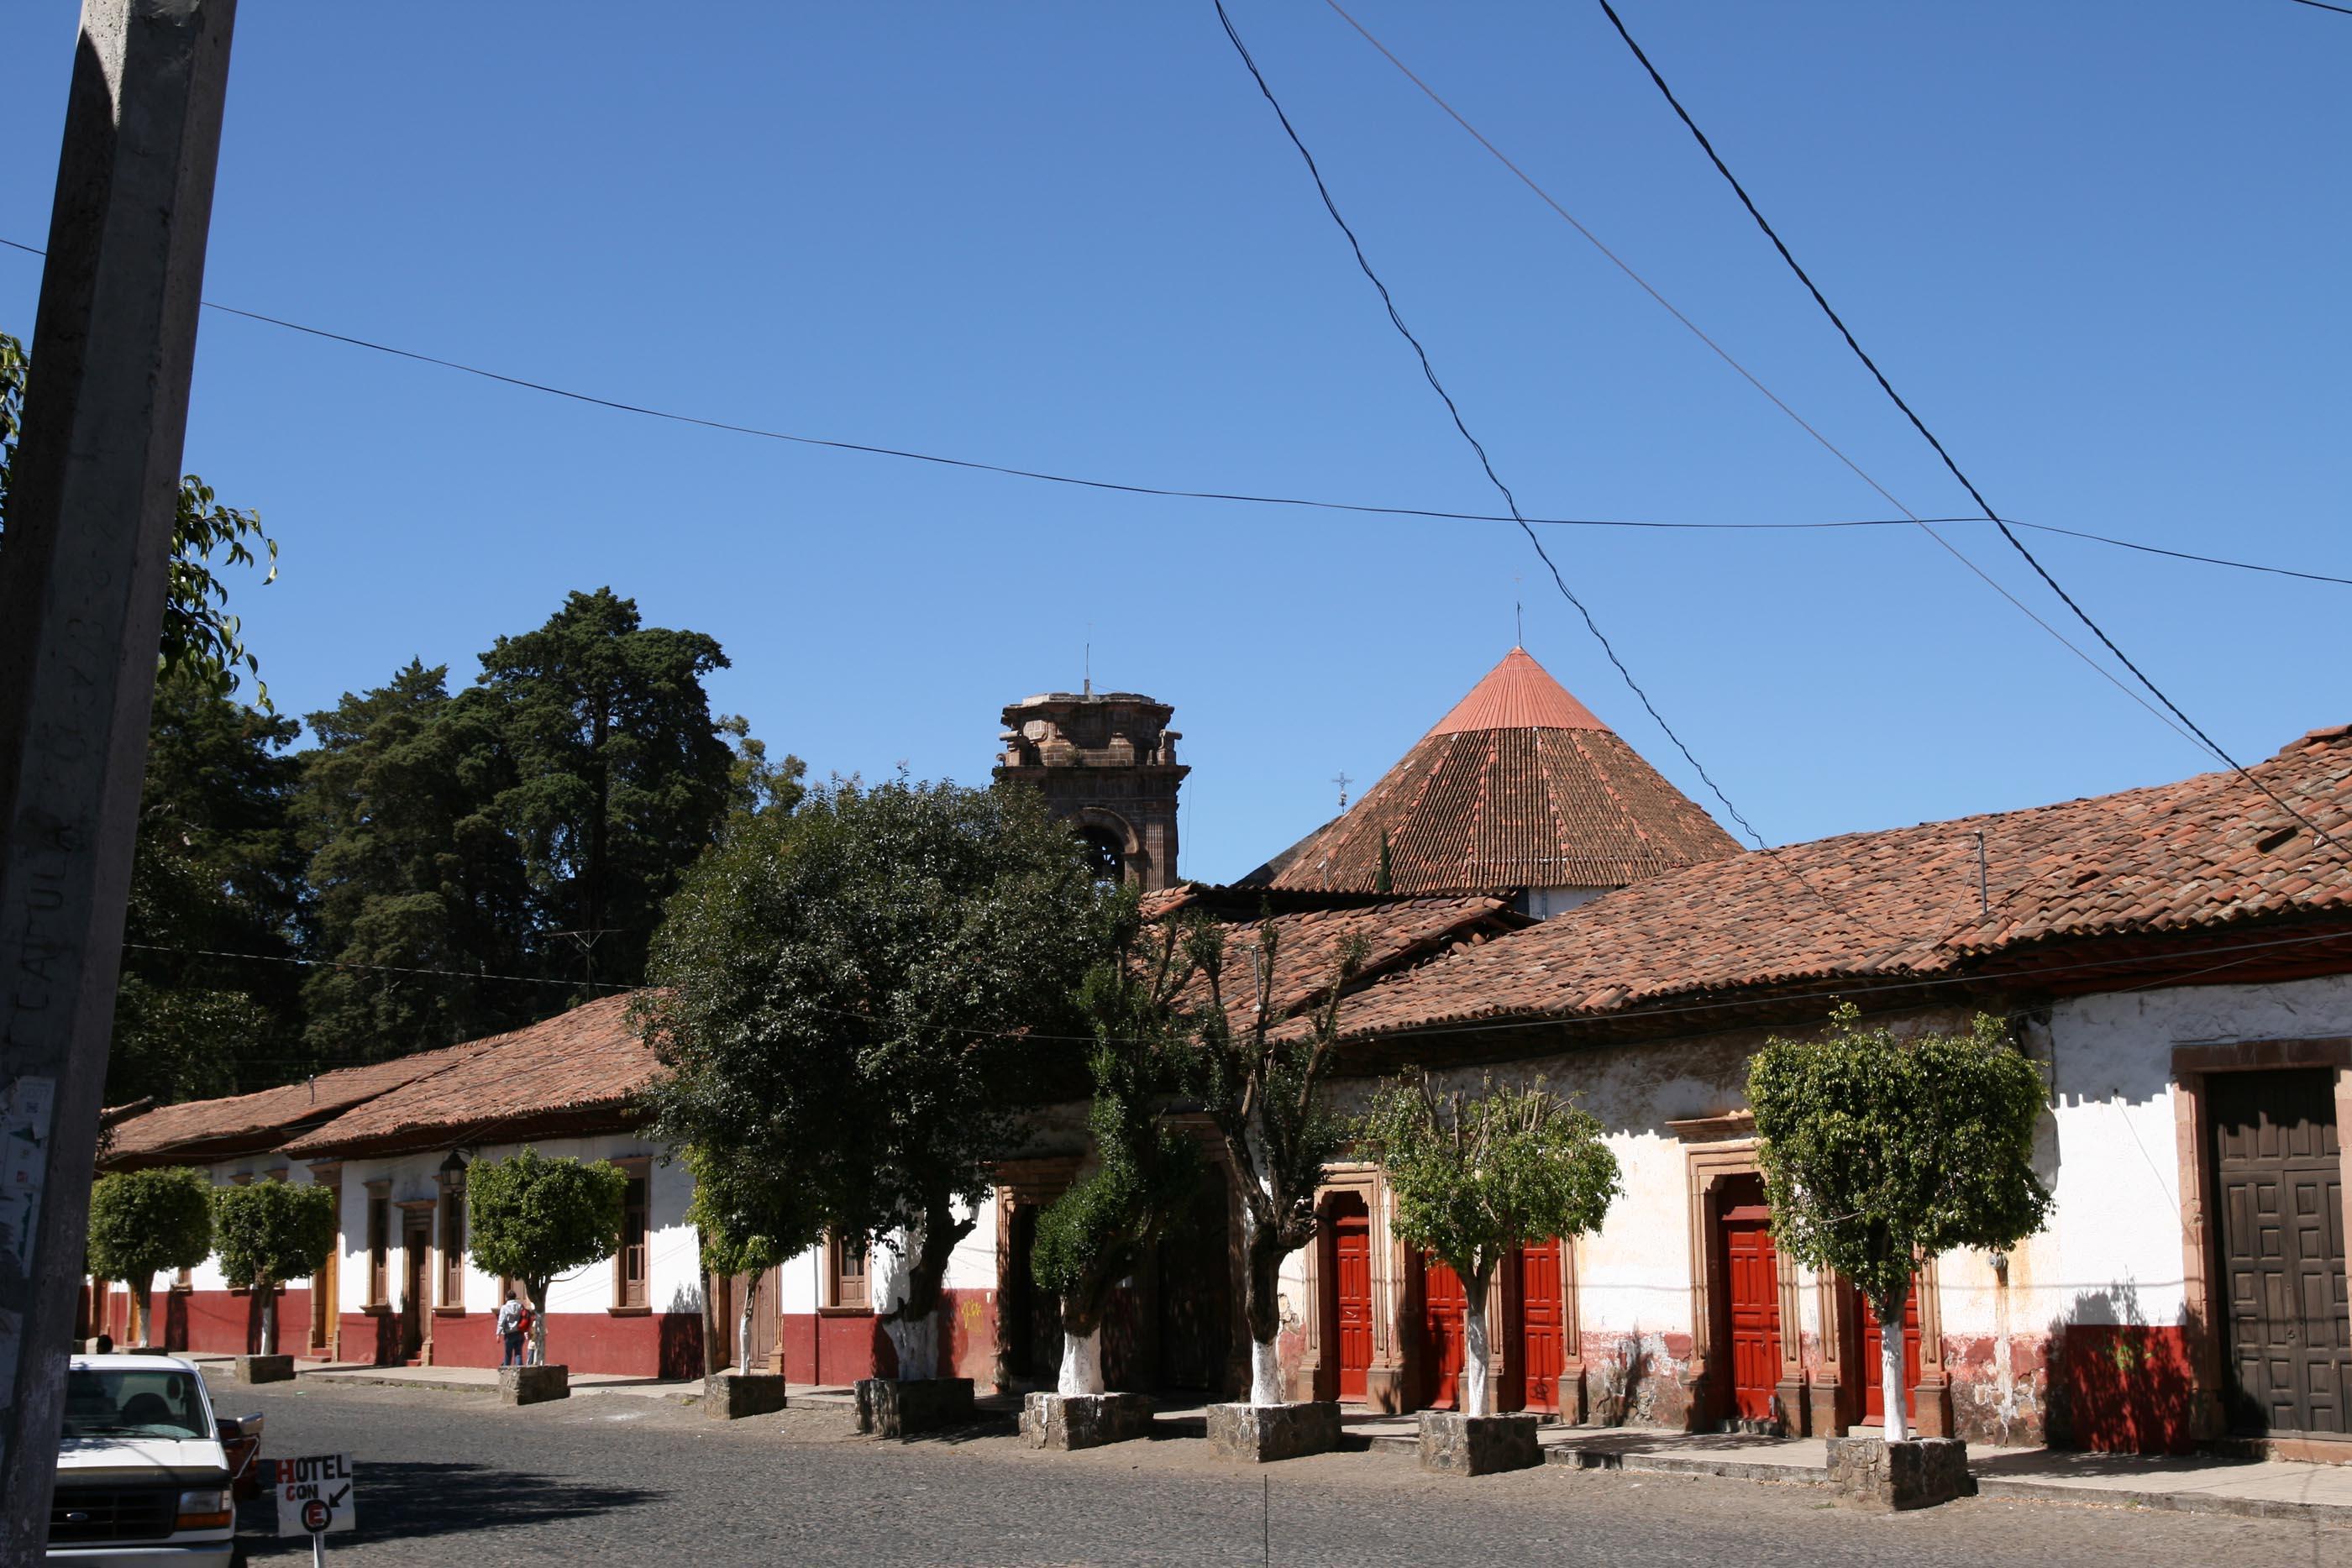 Hotel Meson De San Antonio